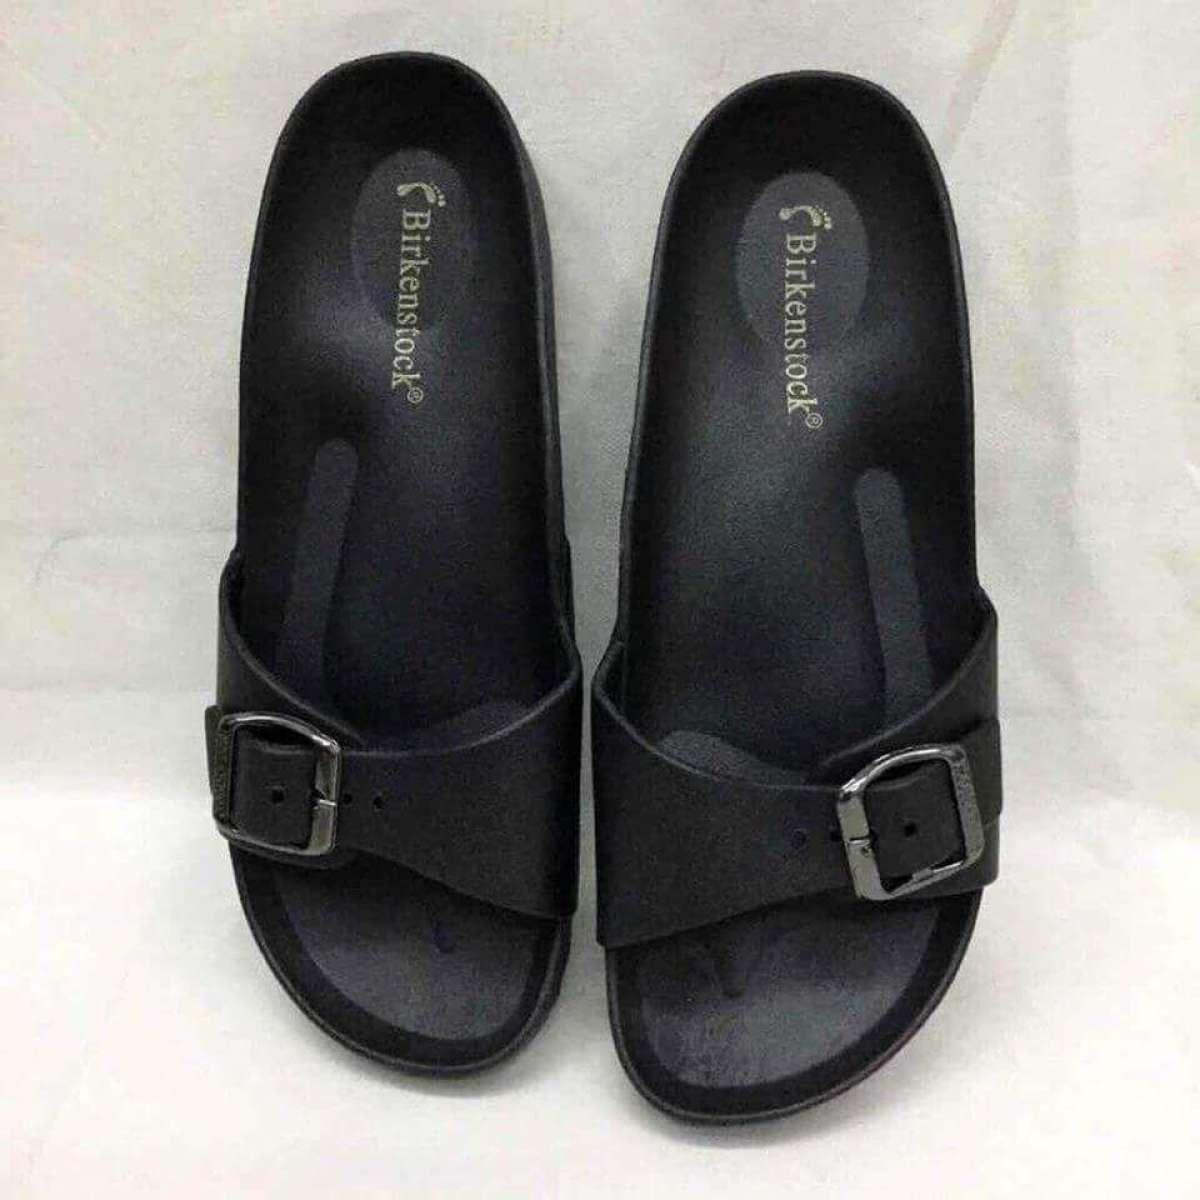 49c888ce784c COD NEW BIRKENSTONG Slippers girl women flats slide sandal high quality